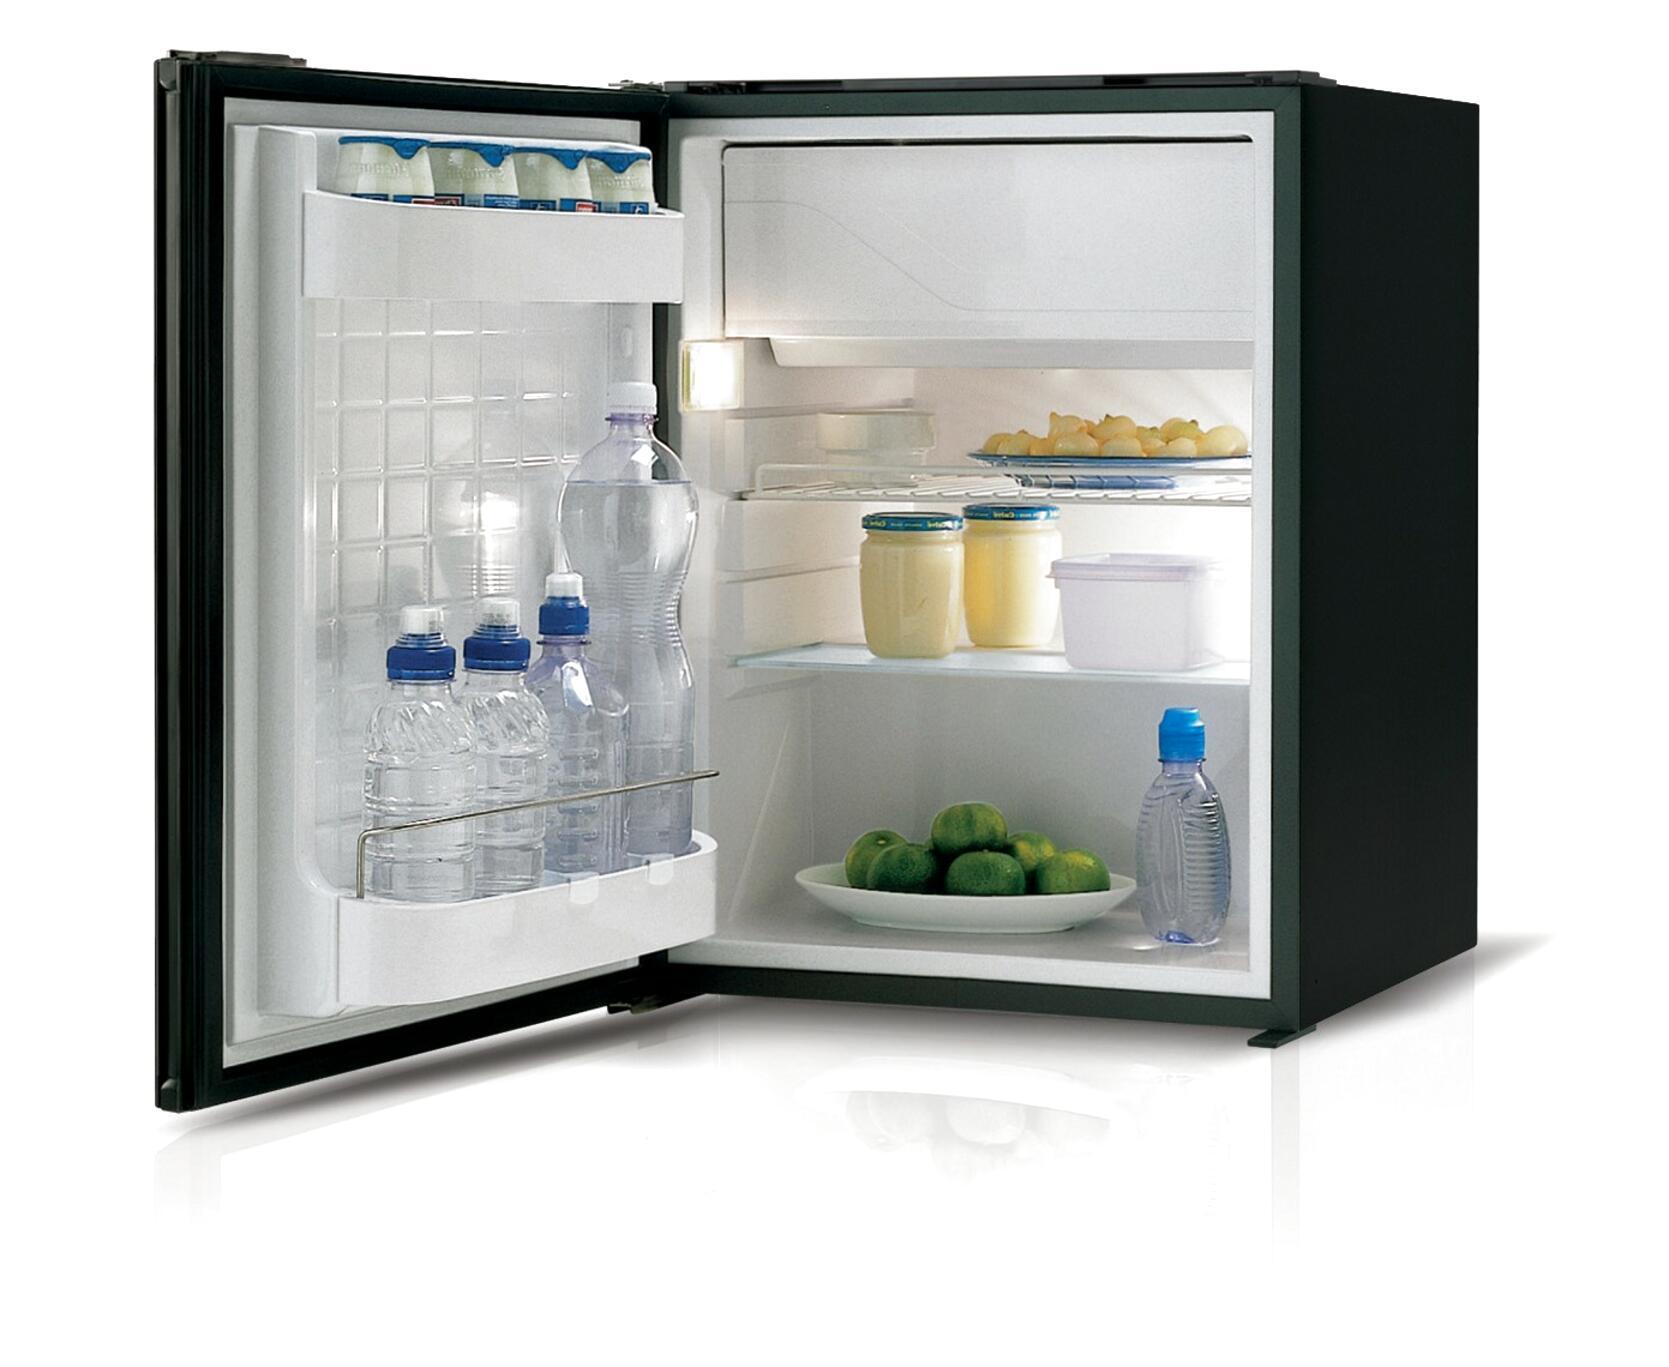 12v fridges for sale